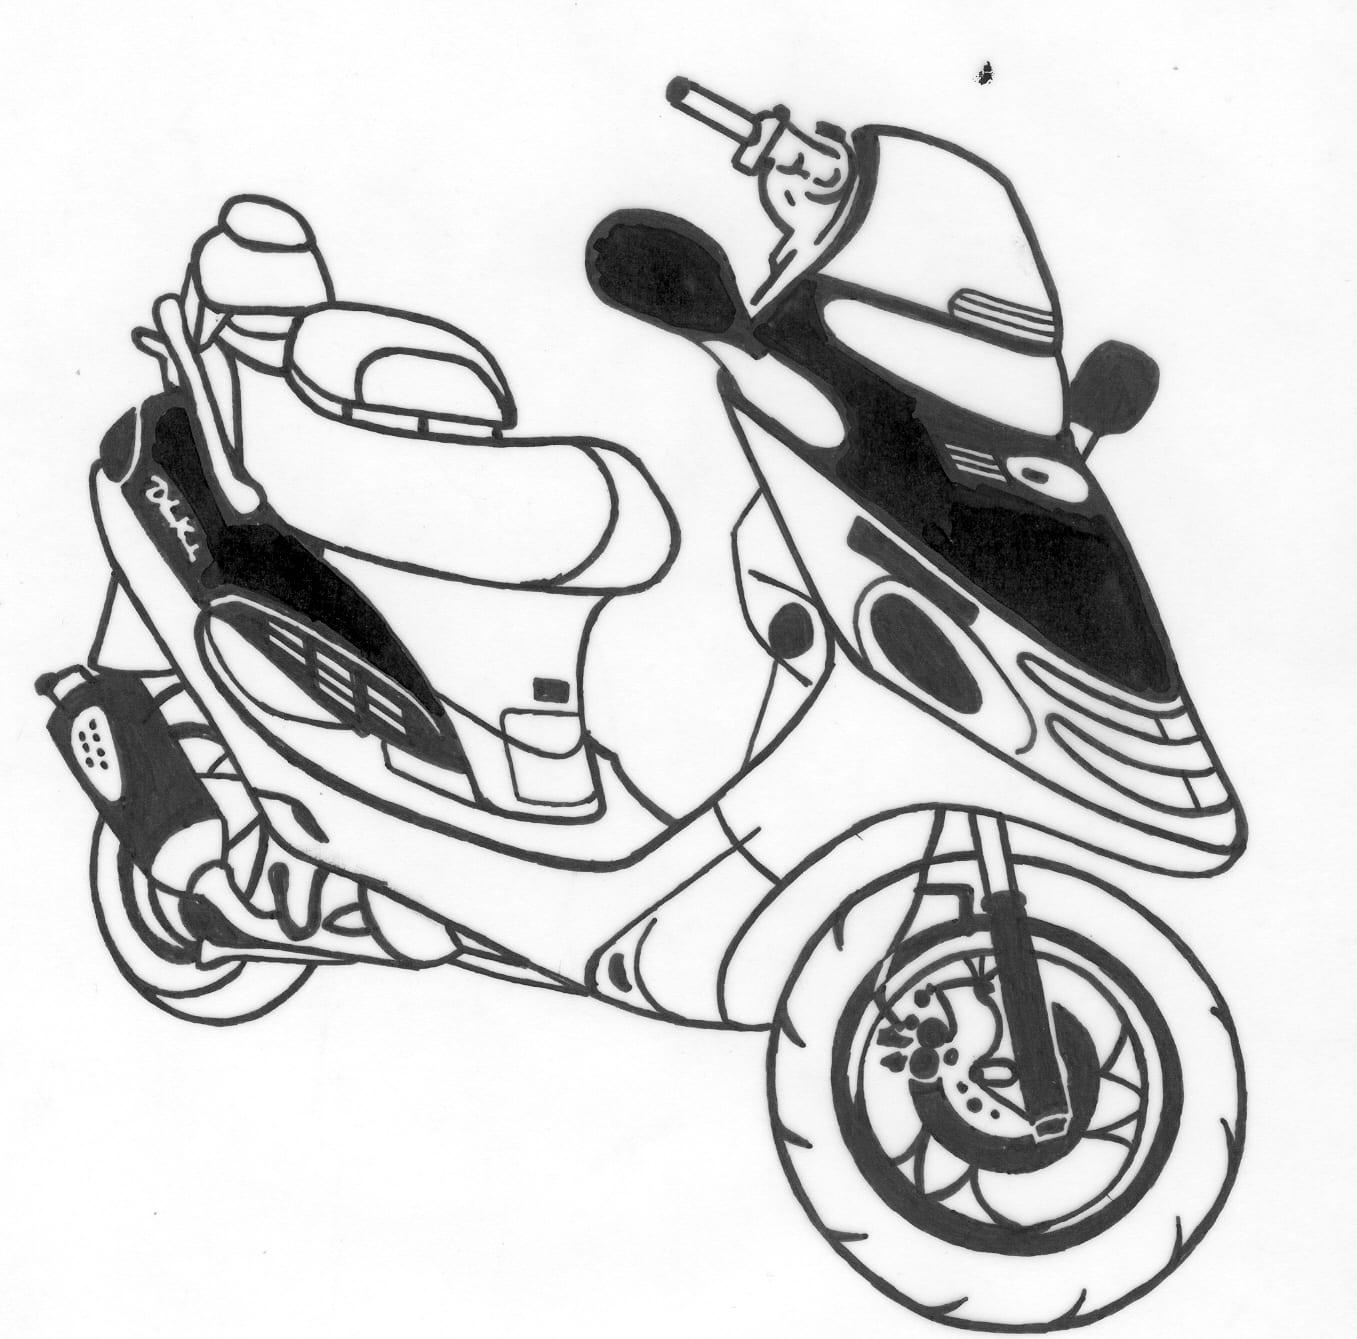 Gezandstraalde afbeelding van een scooter dat mogelijk is op een grafmonument